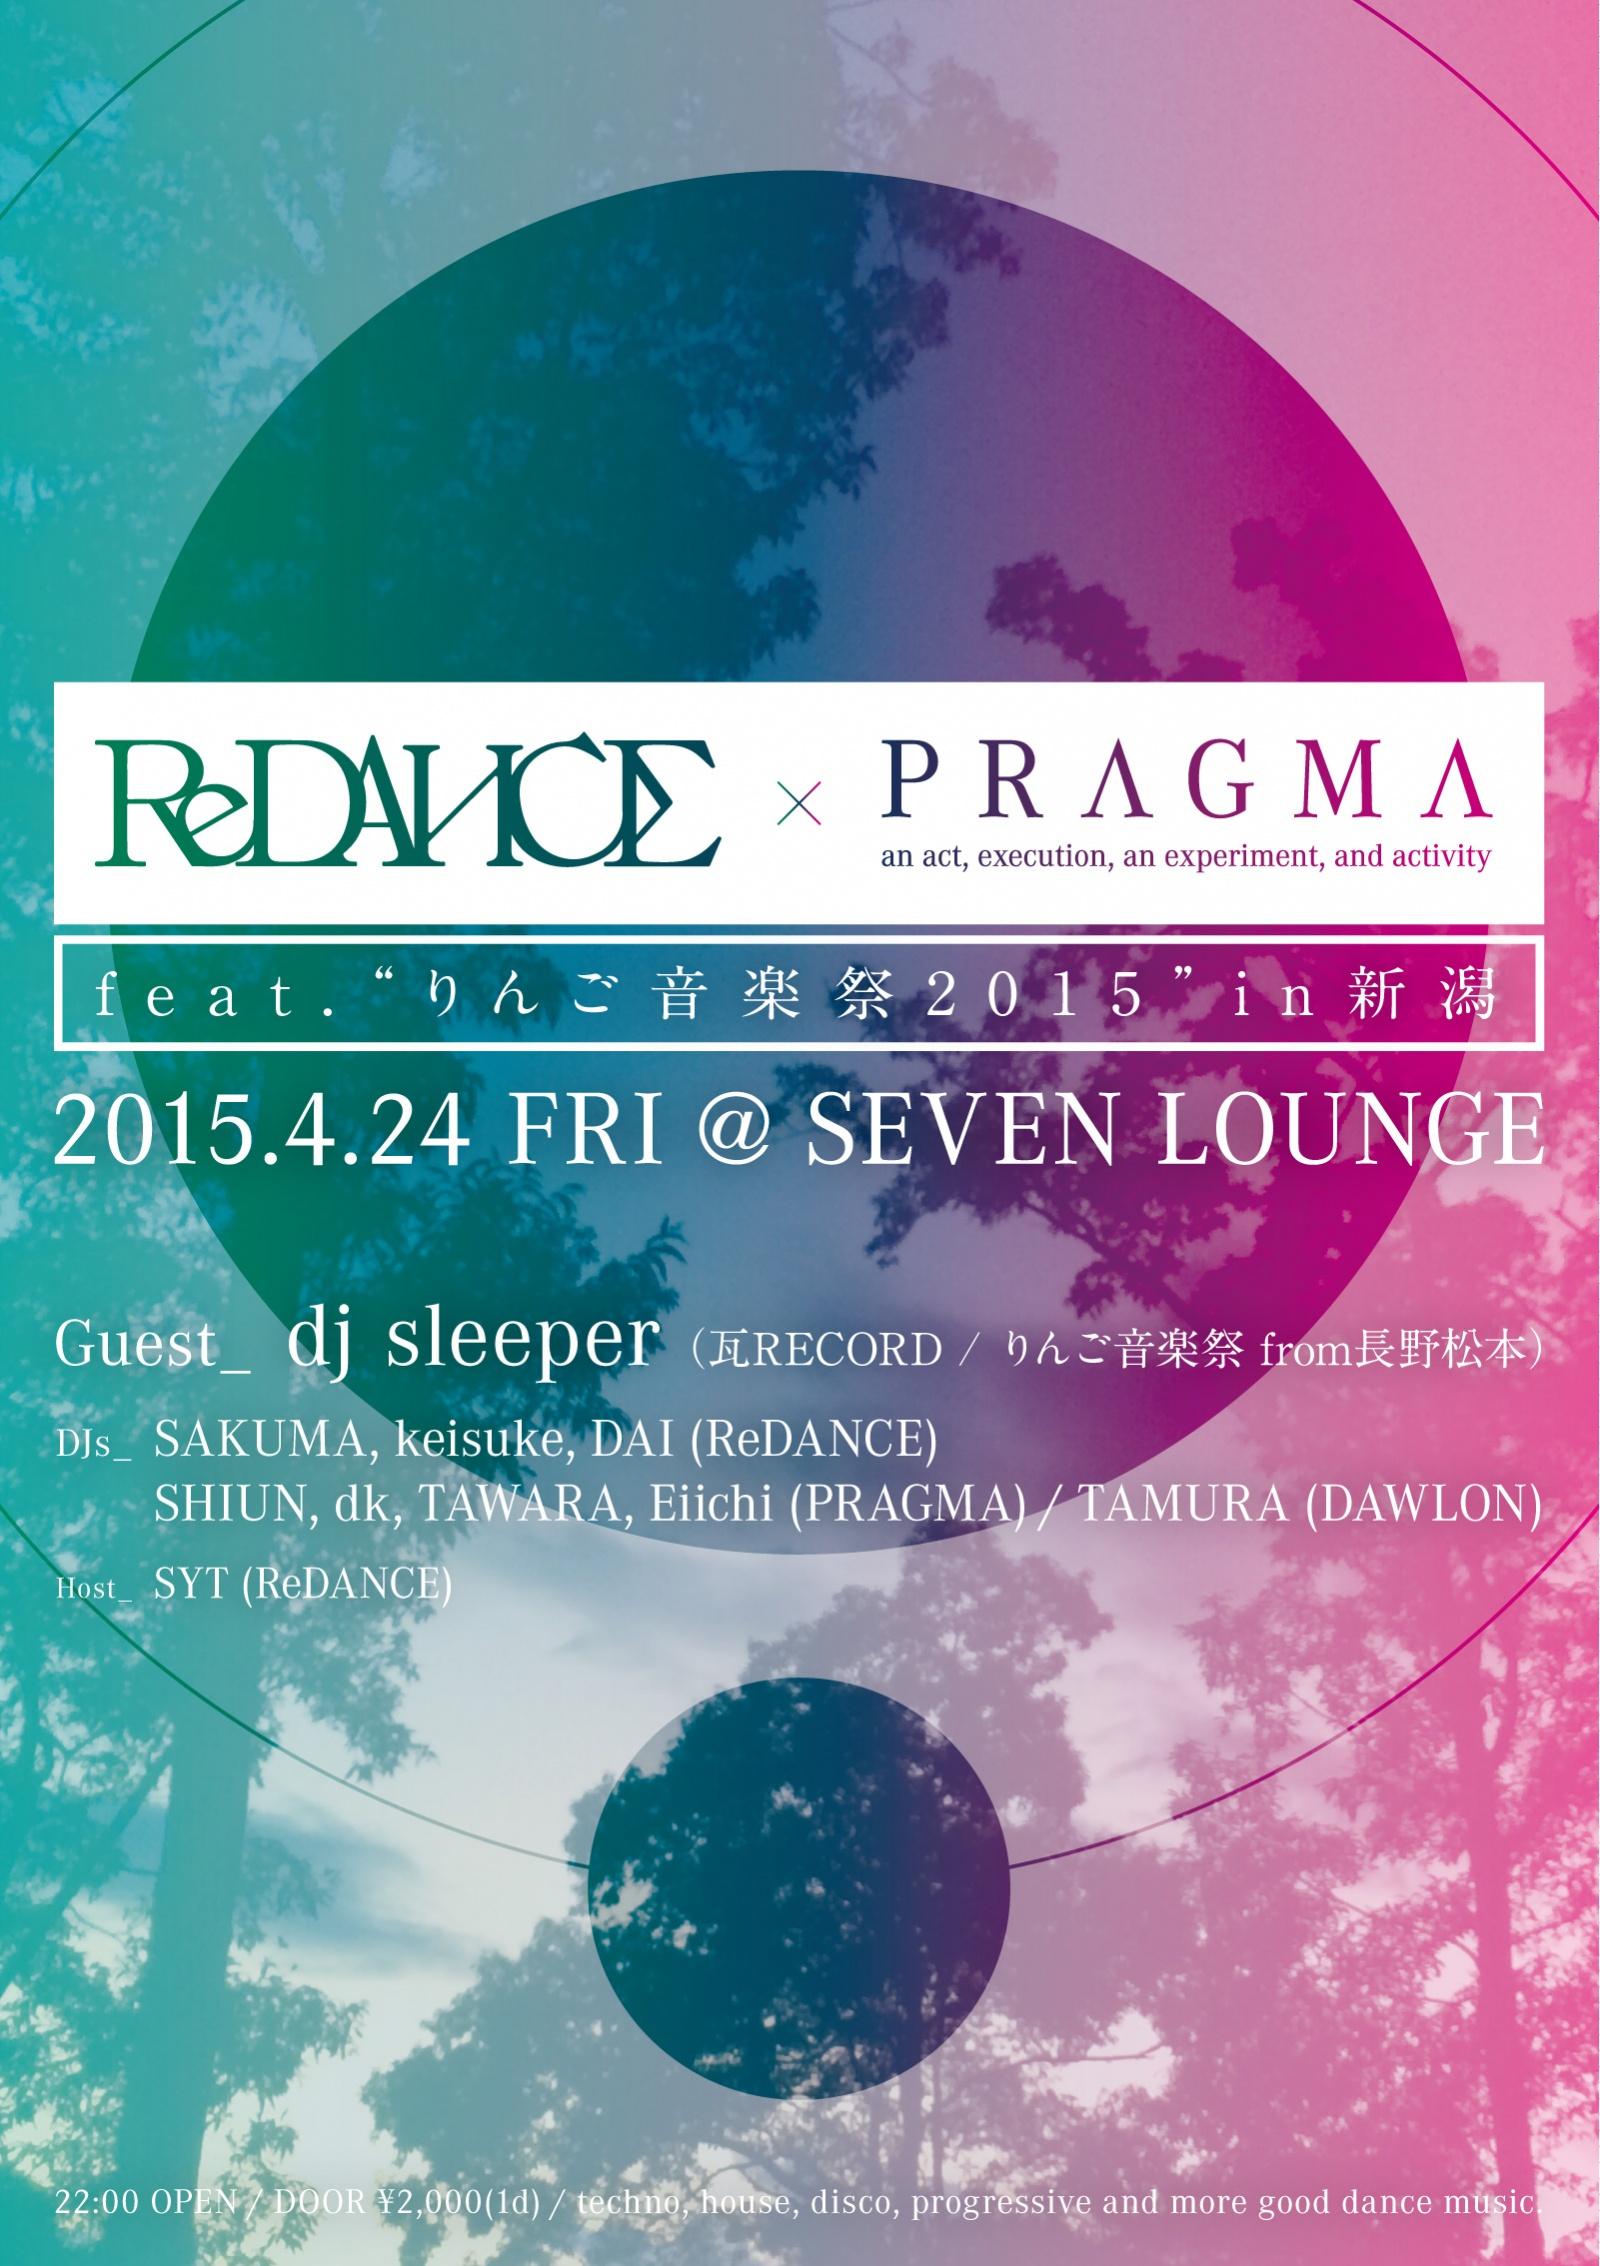 2015.4.24 FRI – TAWARA : DJ@SEVEN LOUNGE / ReDANCE x PRAGMA feat.りんご音楽祭2015 in 新潟